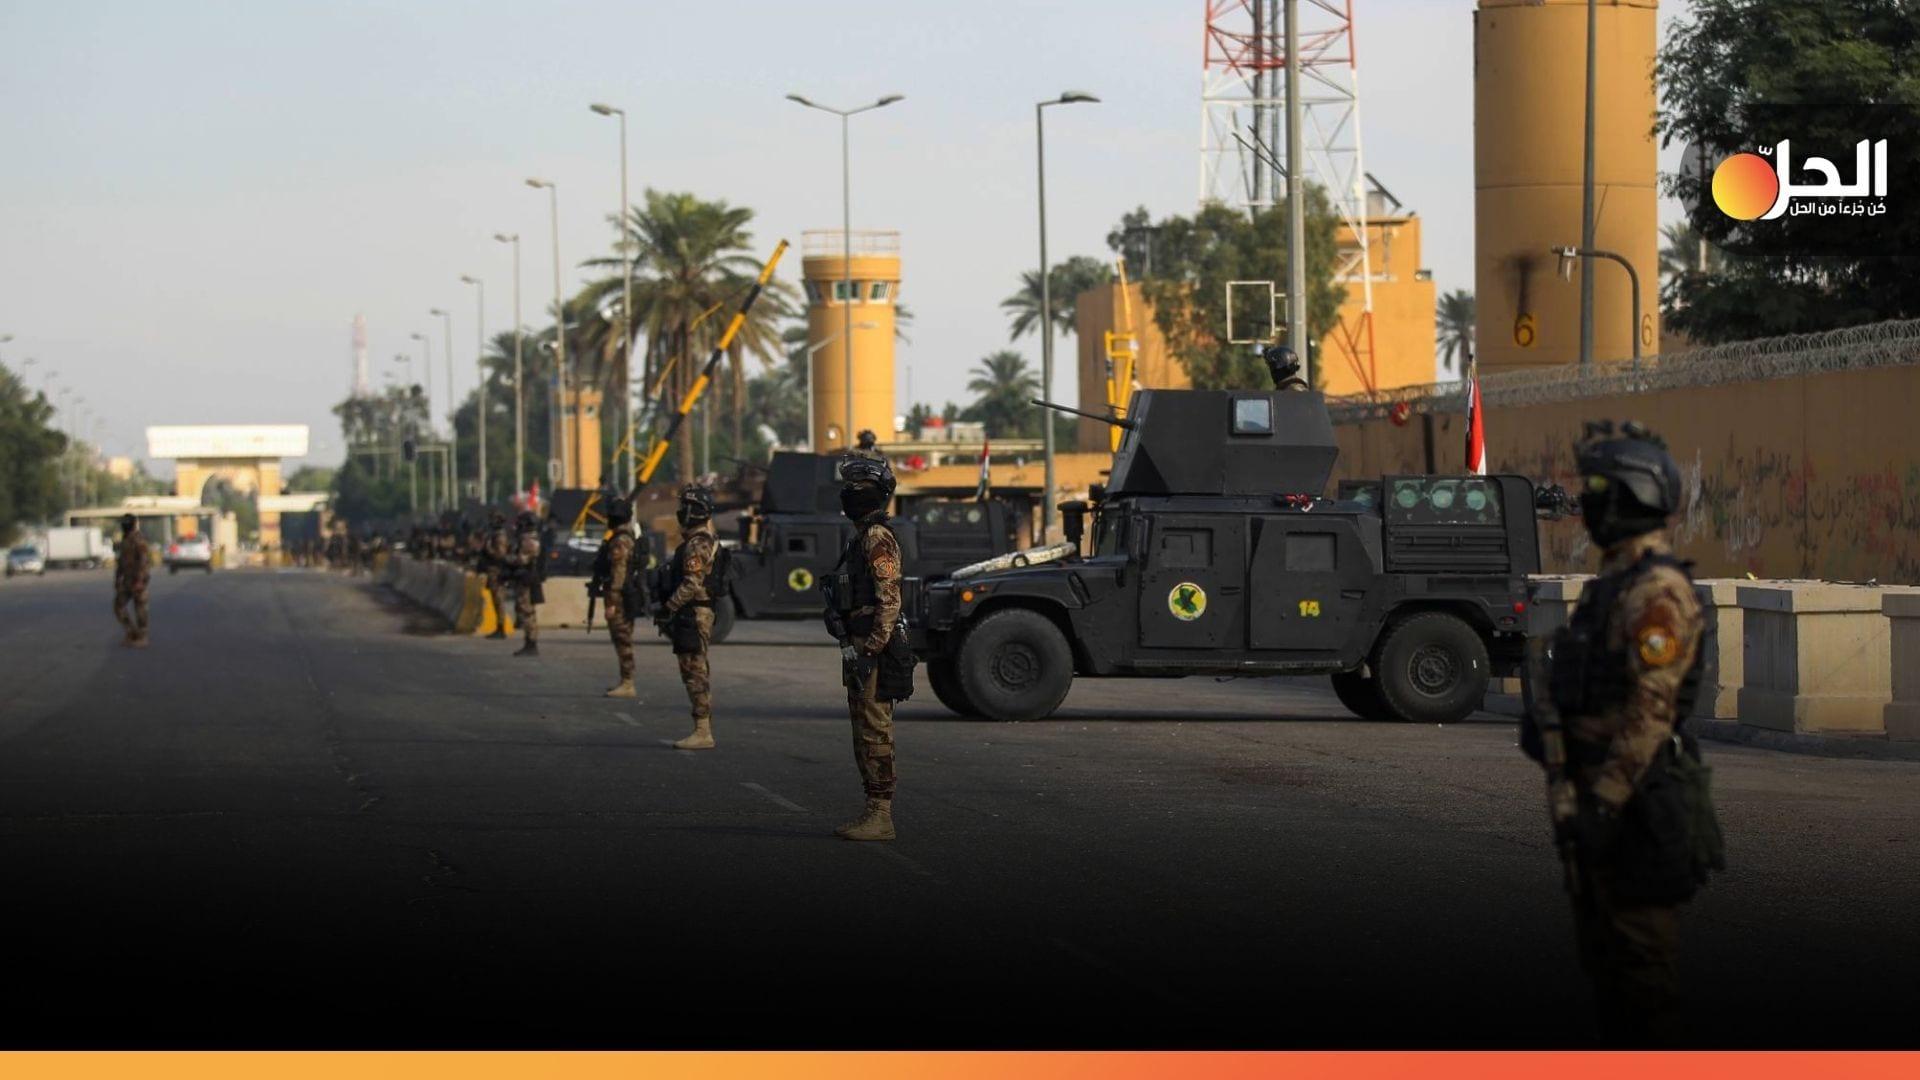 «مُخَطّطٌ لعَمَلٍ إجرامي».. انتشارٌ أمني مُكَثّف ببغداد في أوّل أيّام 2021